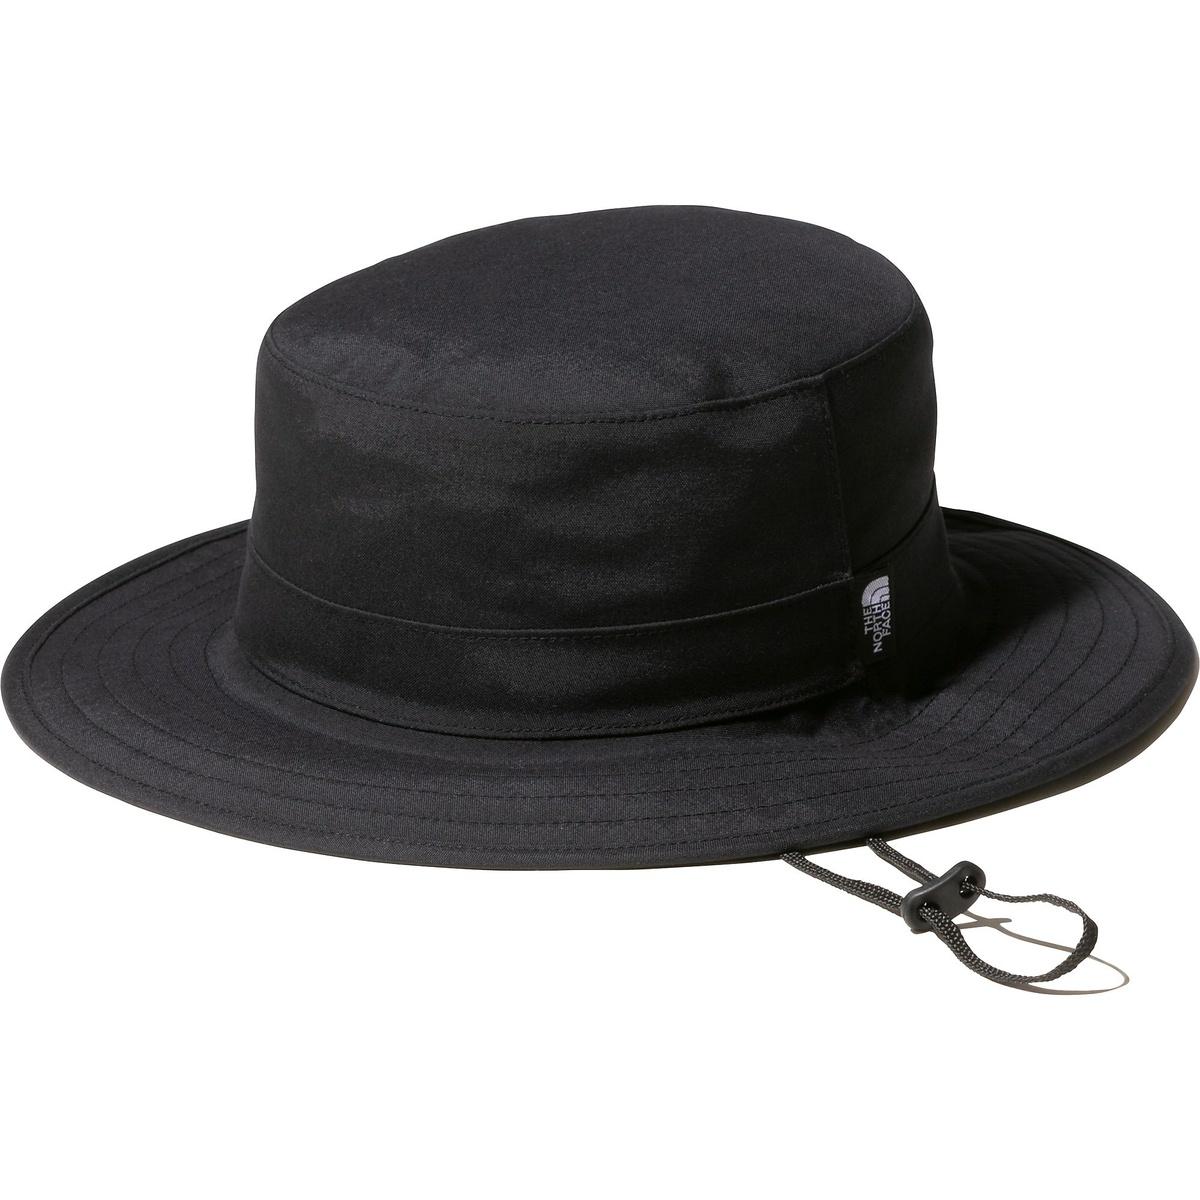 ノースフェイス トレッキング 店内全品対象 アウトドア 帽子 メンズ キャップ GORE-TEX Hat [正規販売店] ゴアテックスハット NORTH THE NN41912 K FACE